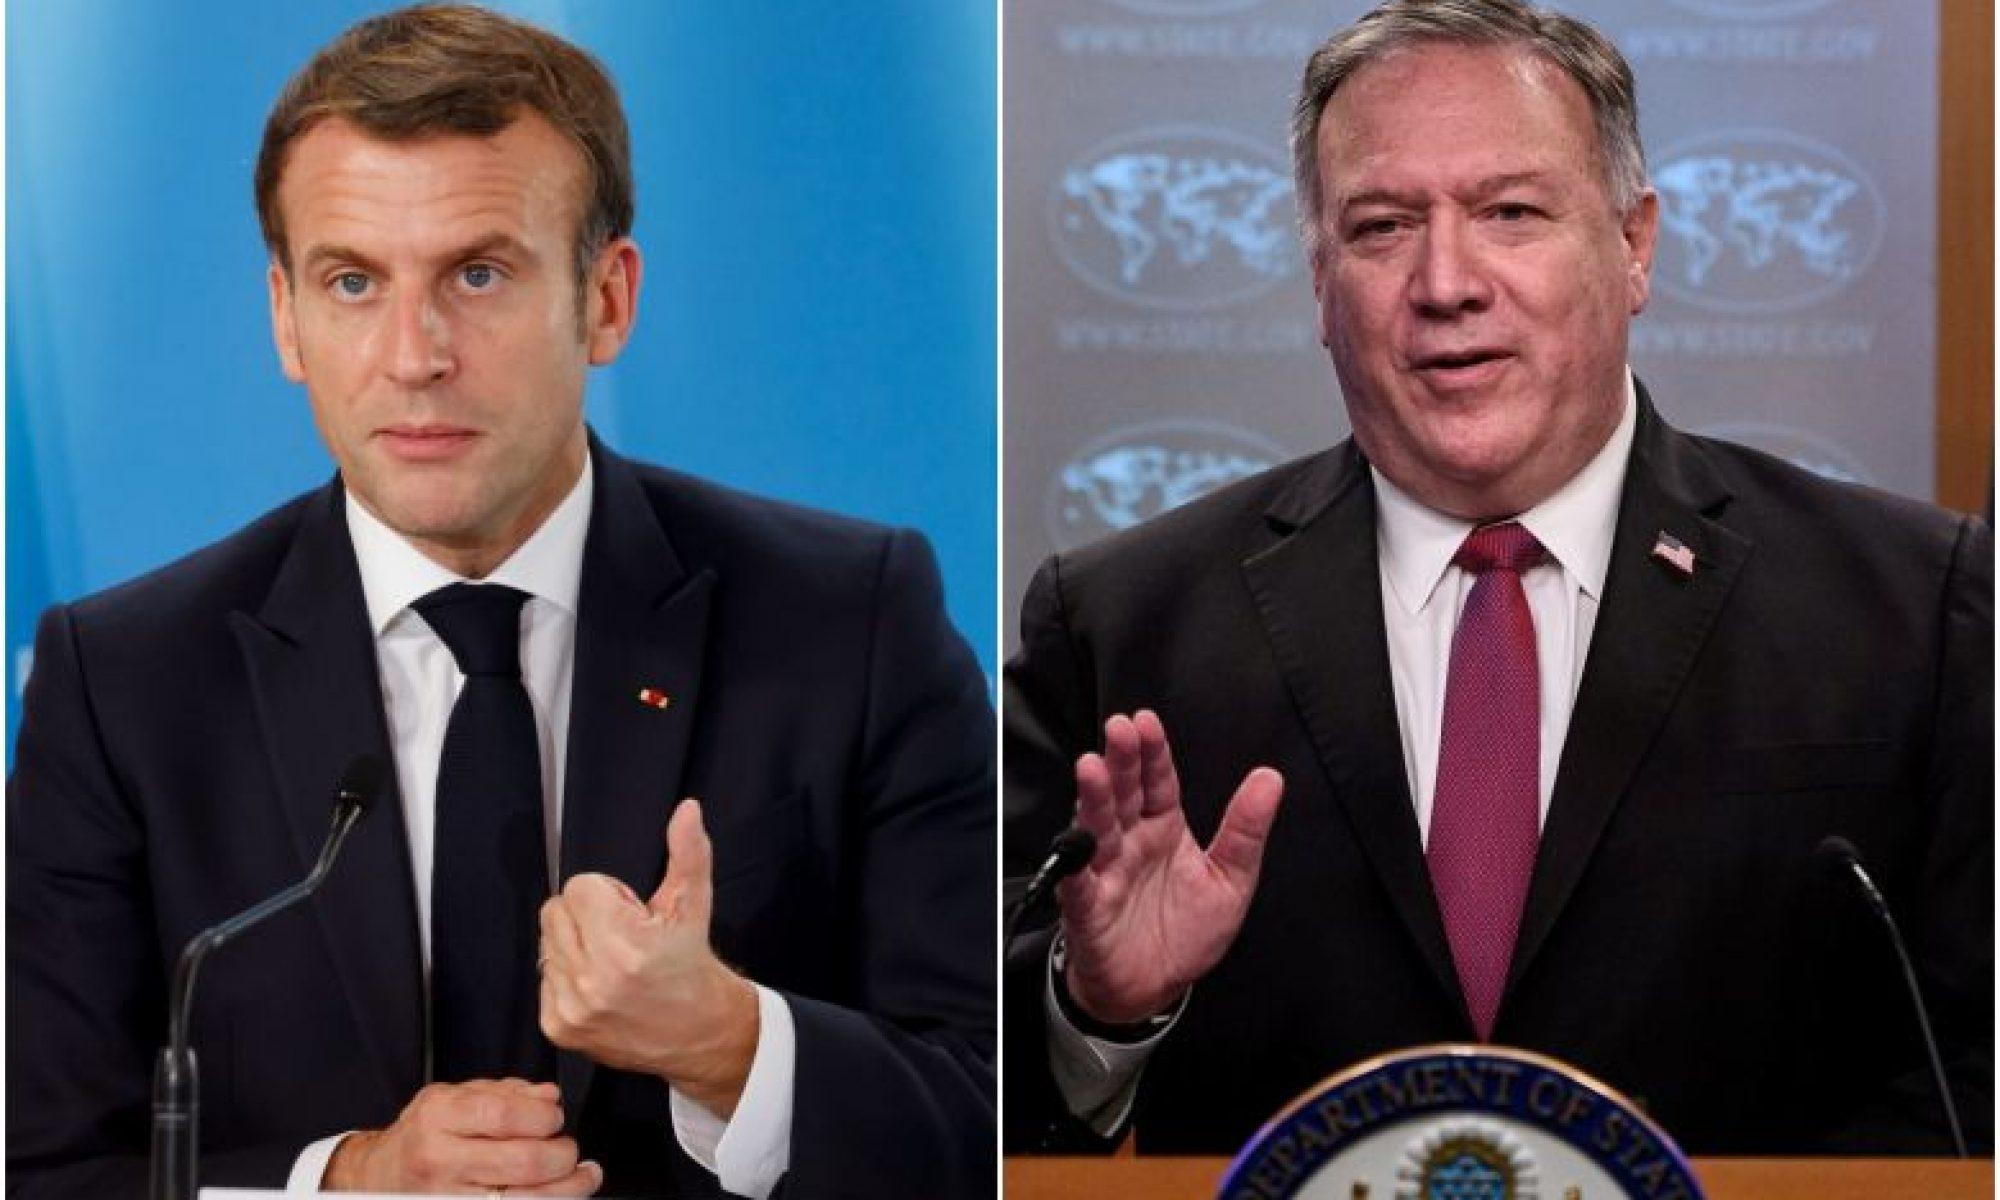 Macron ile görüşen Pompeo: Türk askeri kapasitesinin gittikçe artan şekilde kullanımı bizi endişelendiriyor, Macron, Ellse